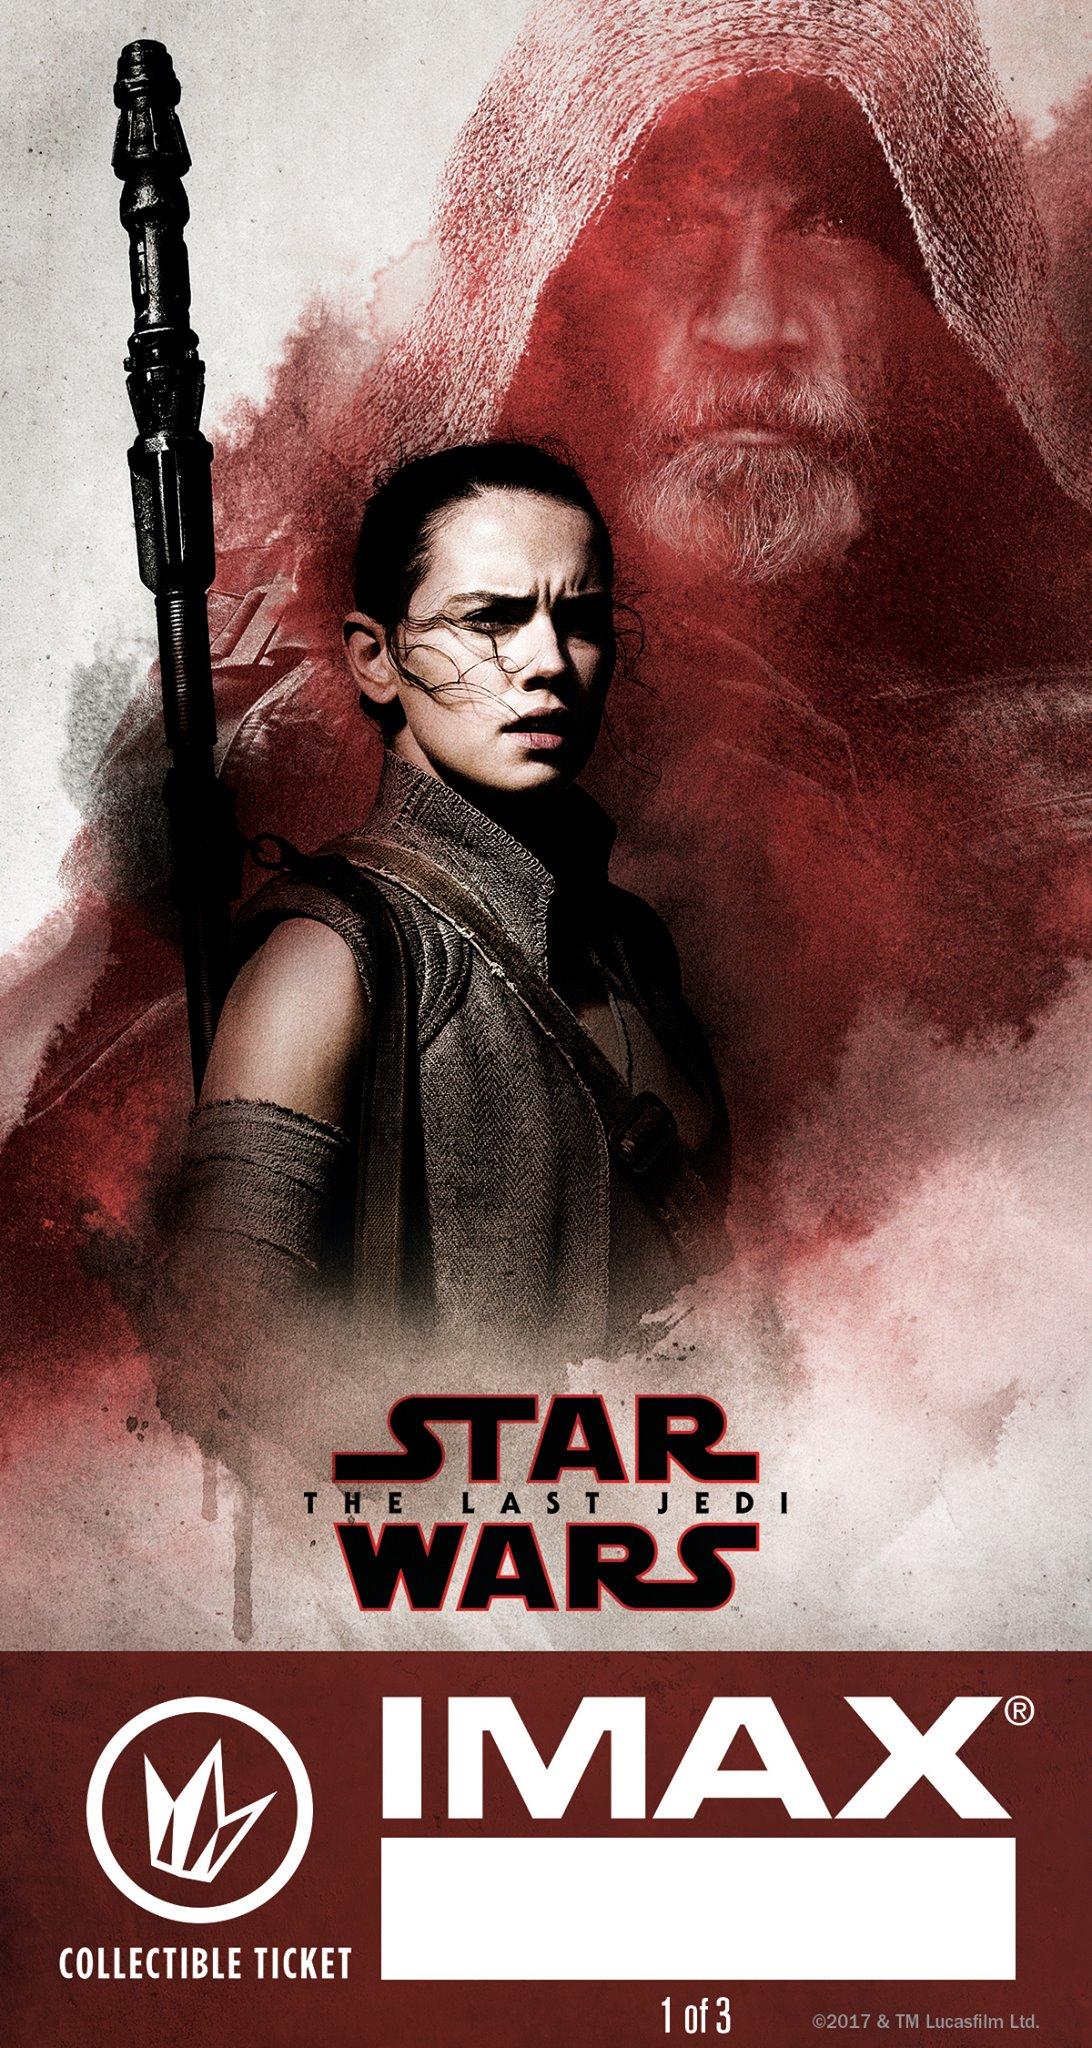 Star Wars The Last Jedi IMAX Billet ticket